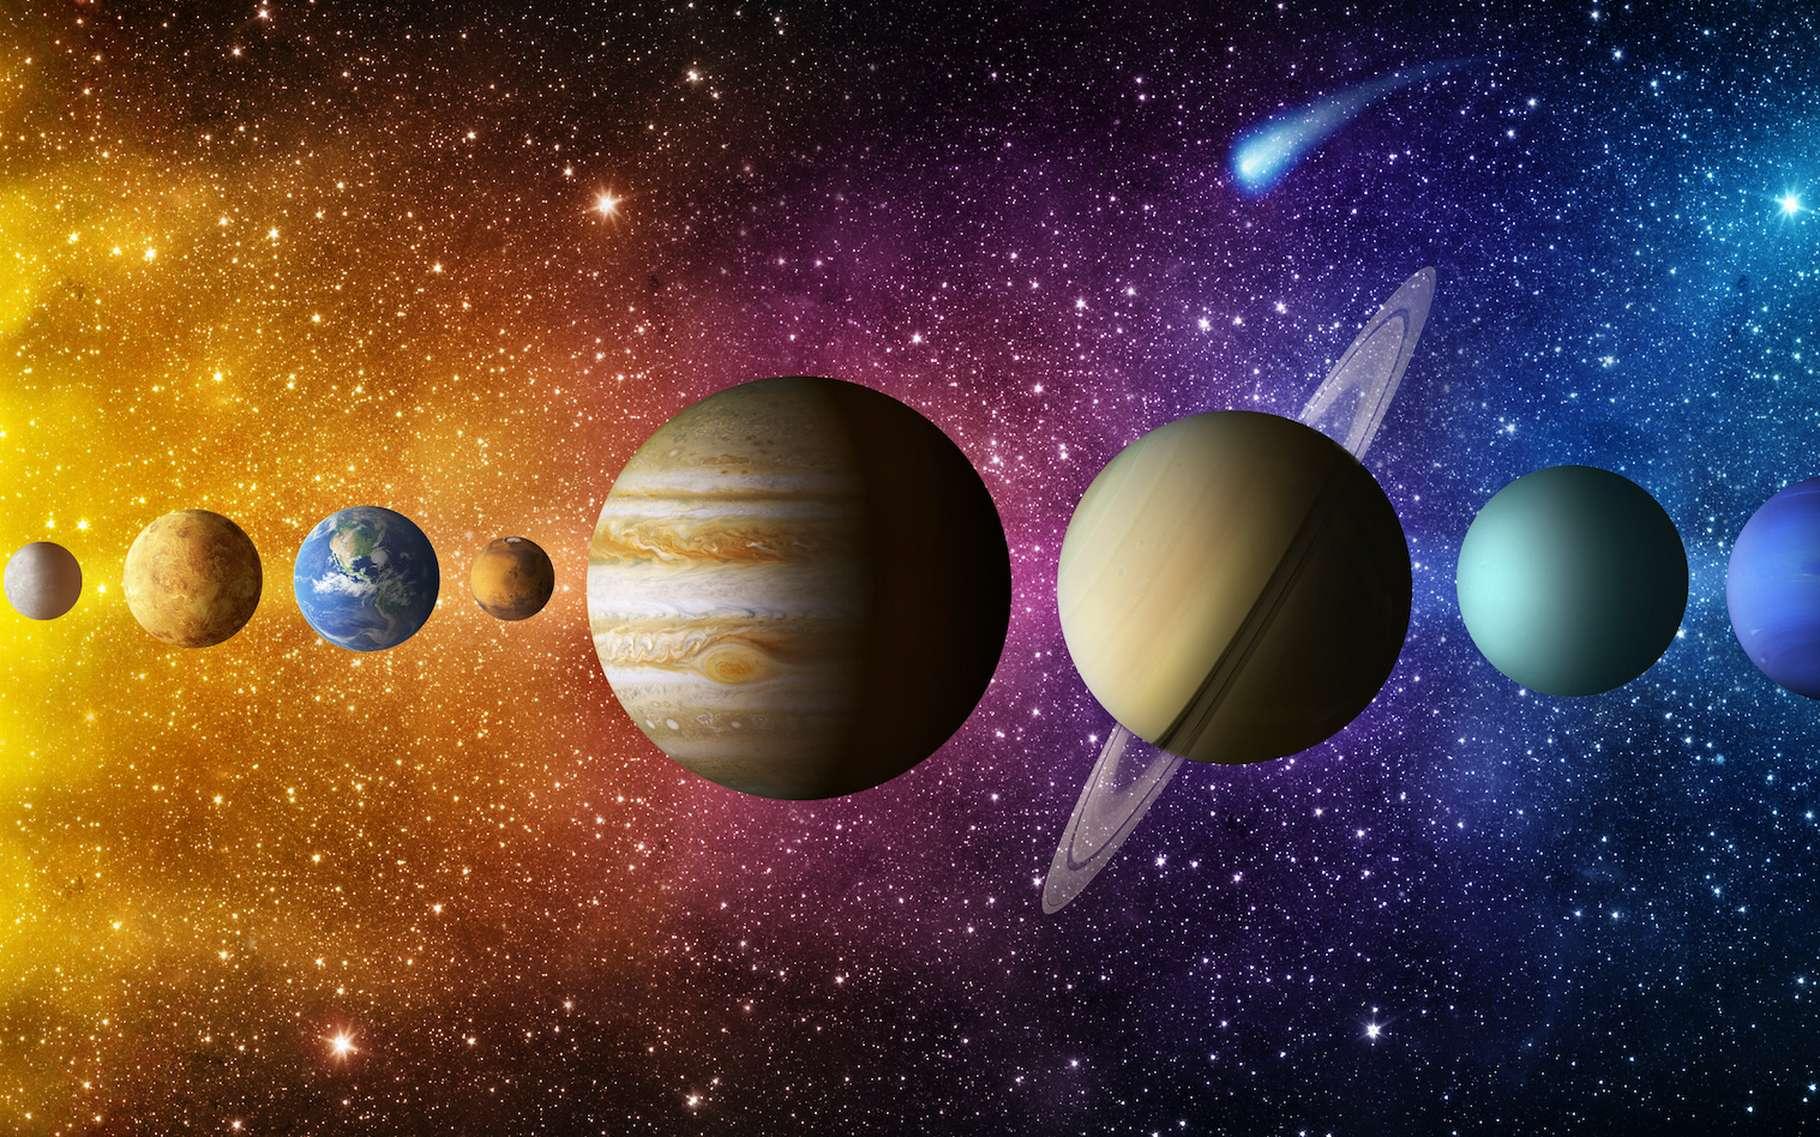 En astronomie, le terme opposition est employé pour désigner la position opposée de deux astres par rapport à la Terre. © Tryfonov, Adobe Stock